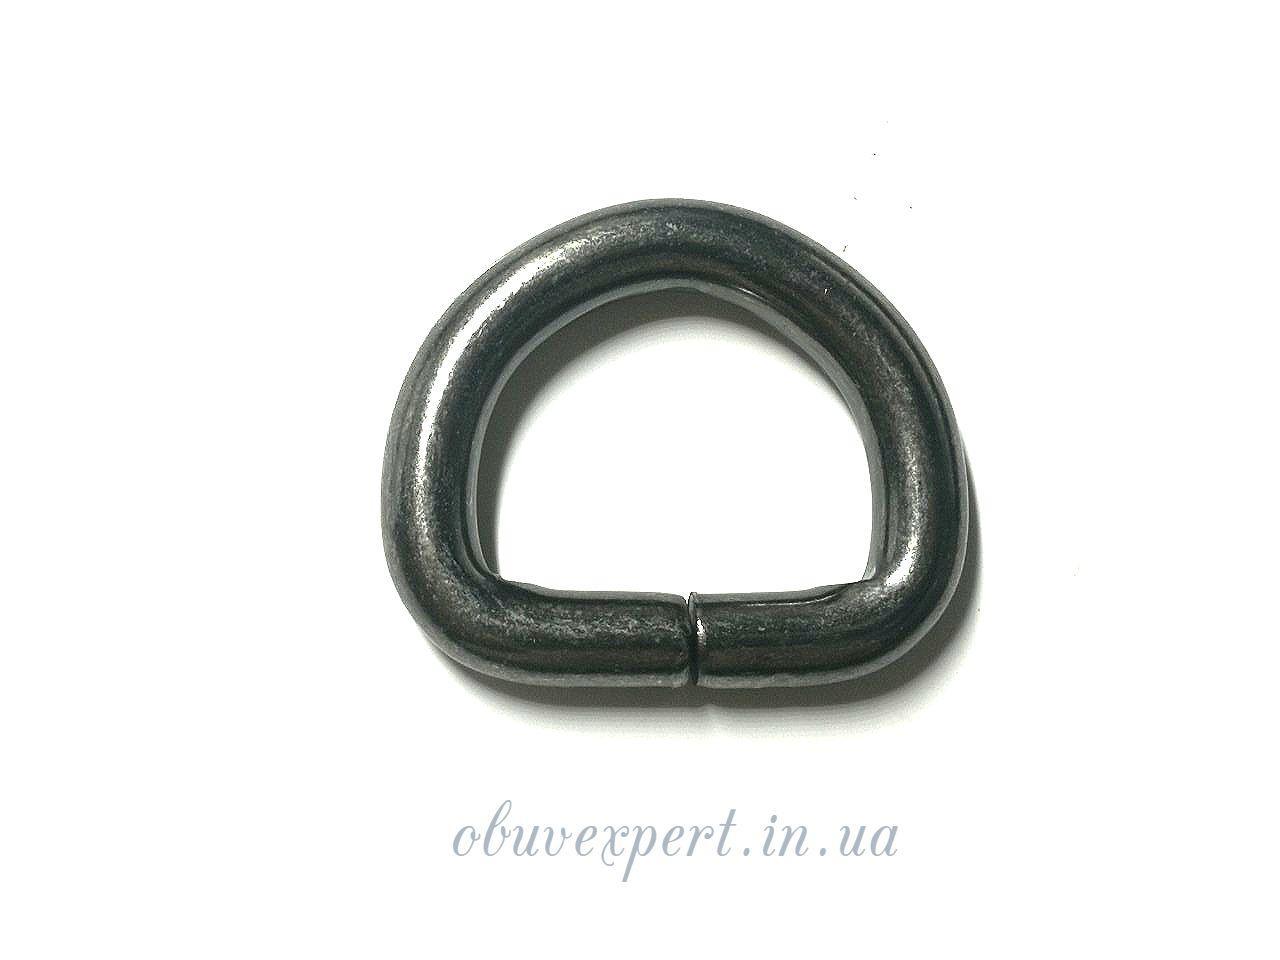 Полукольцо  проволочное 20*15 мм, толщ. 5 мм, Черный никель